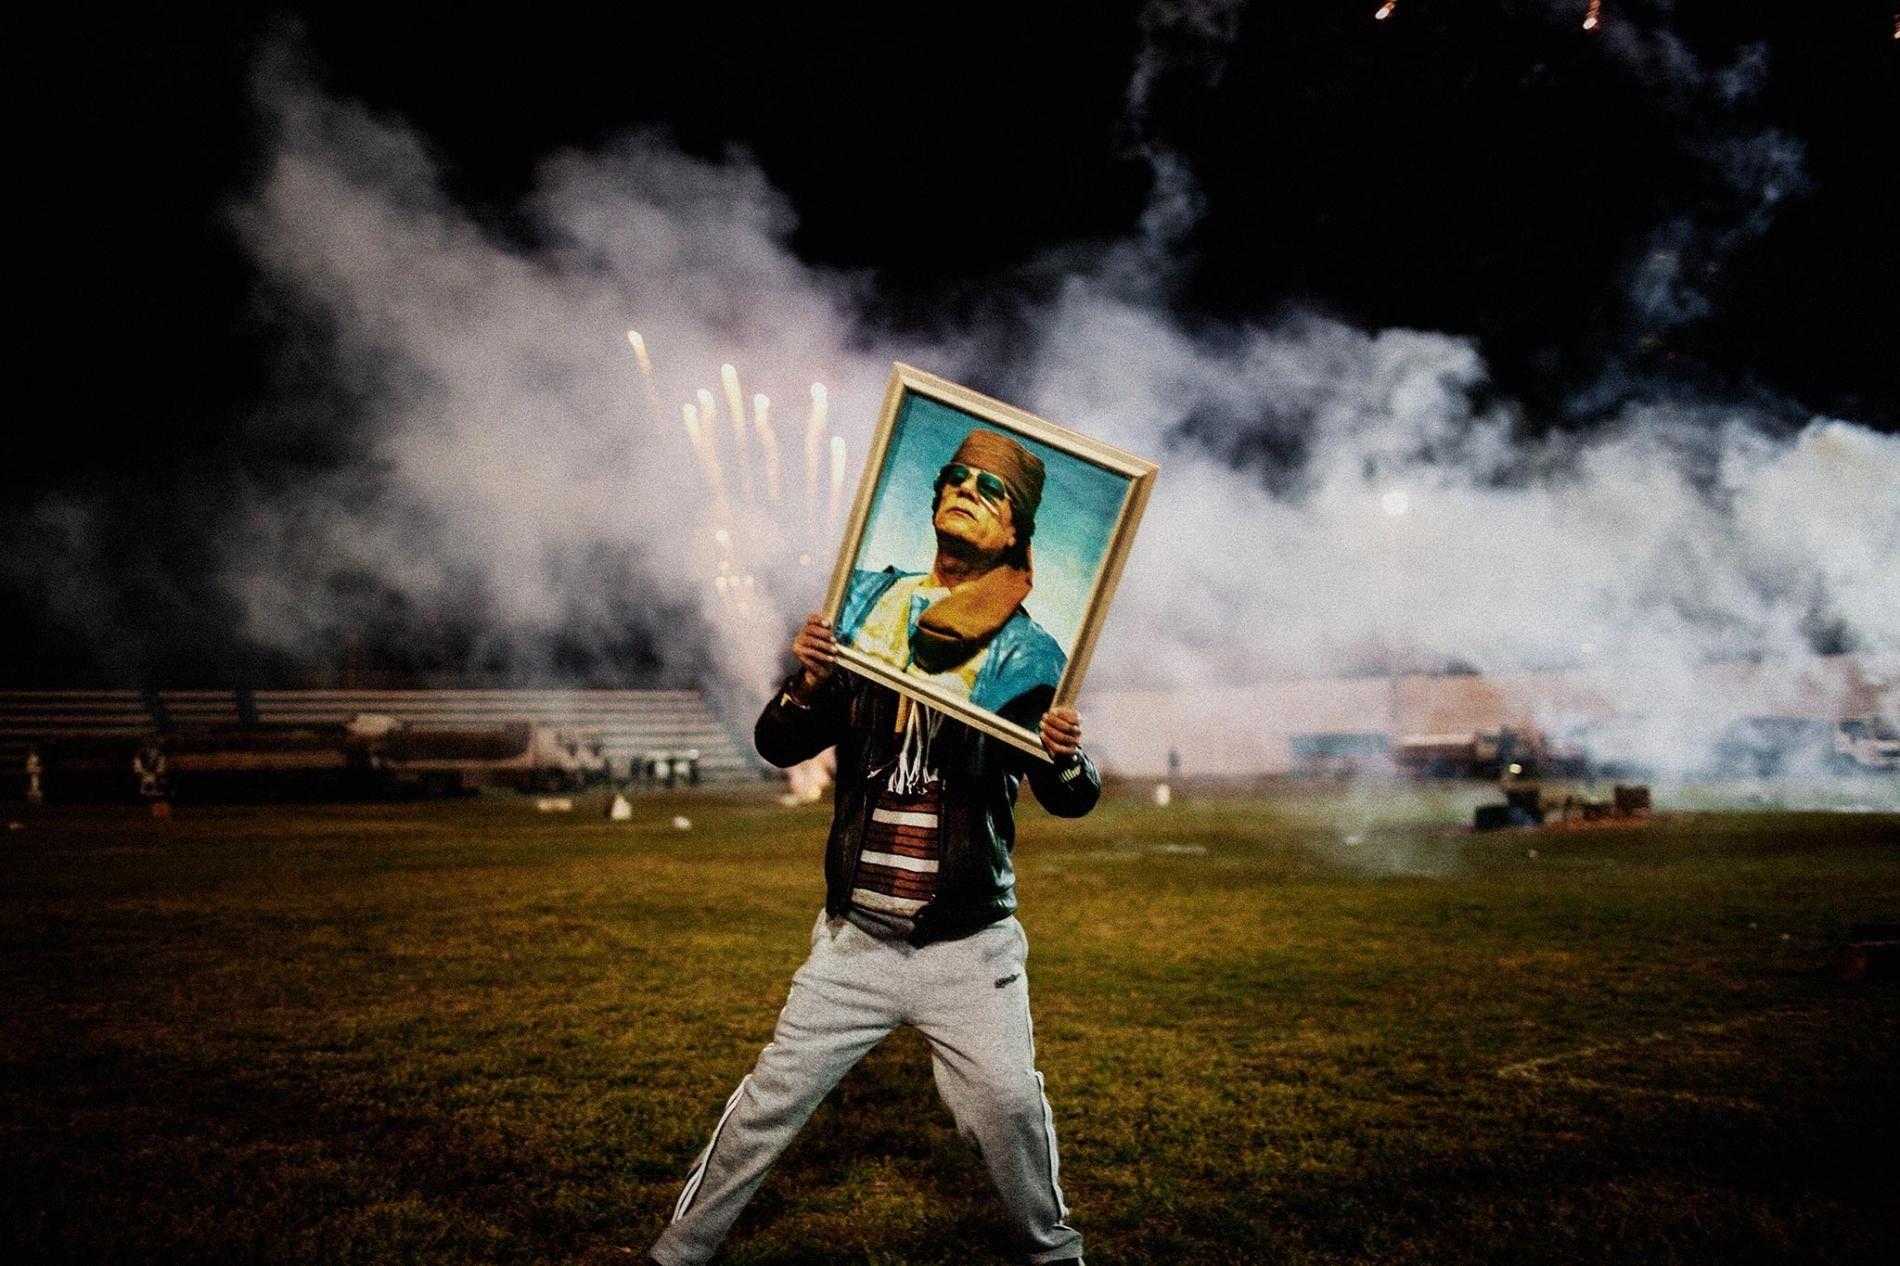 Un partisan de Kadhafi porte le portrait du leader libyen lors d'une célébration organisée à l'occasion de la visite d'un groupe de journalistes étrangers, après la reprise de la ville aux mains des rebelles par les forces du régime. Zawiyah, Lybie. Mars 2011